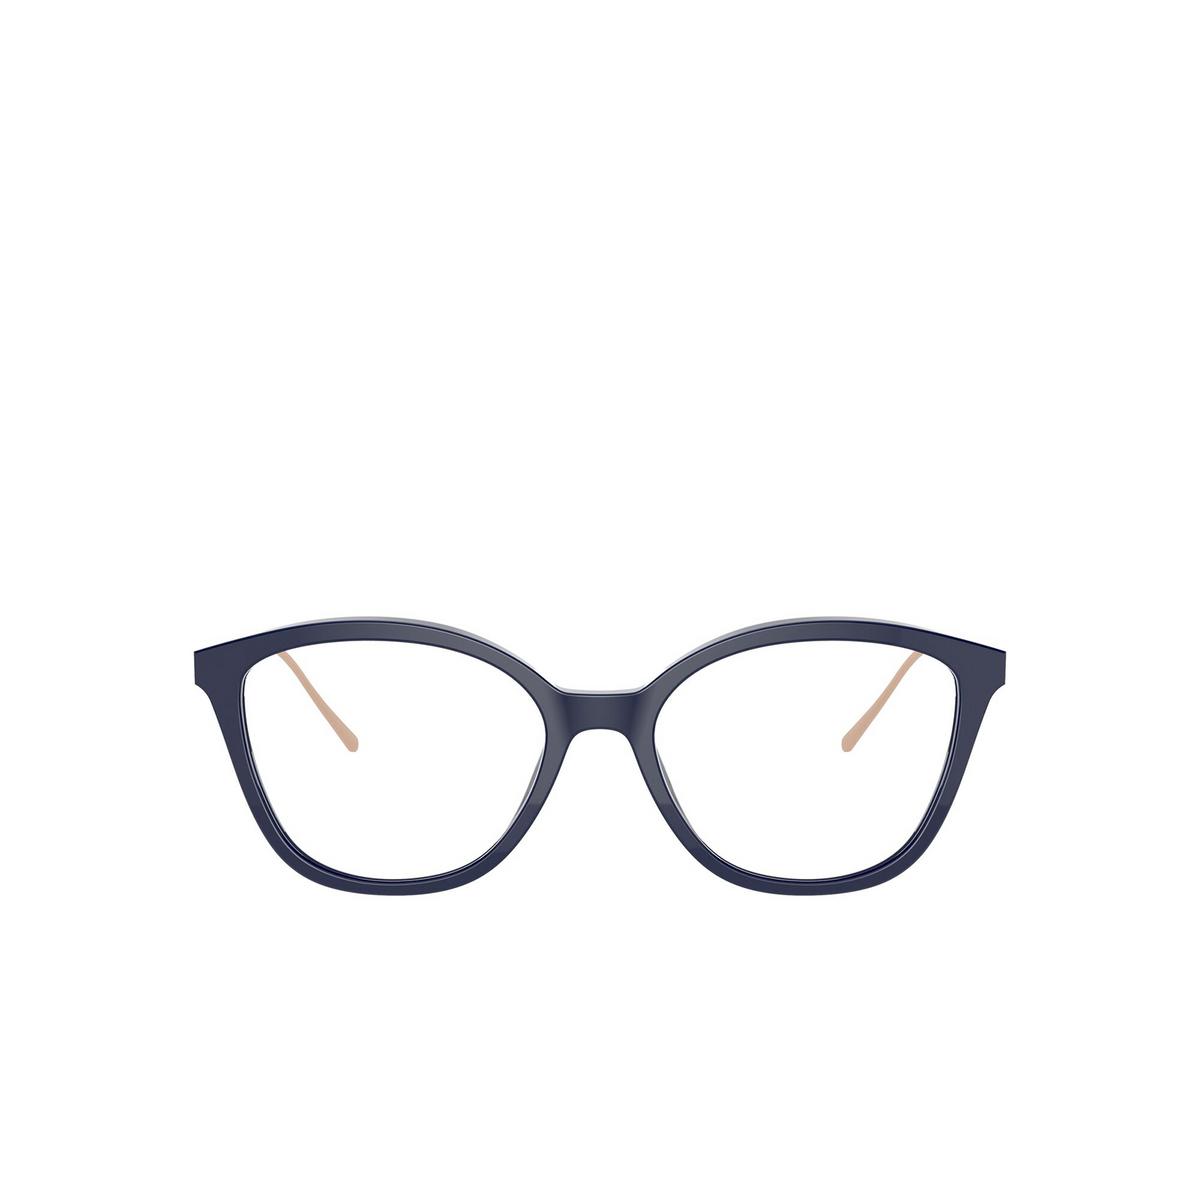 Prada® Square Eyeglasses: PR 11VV color Baltic VY71O1 - front view.